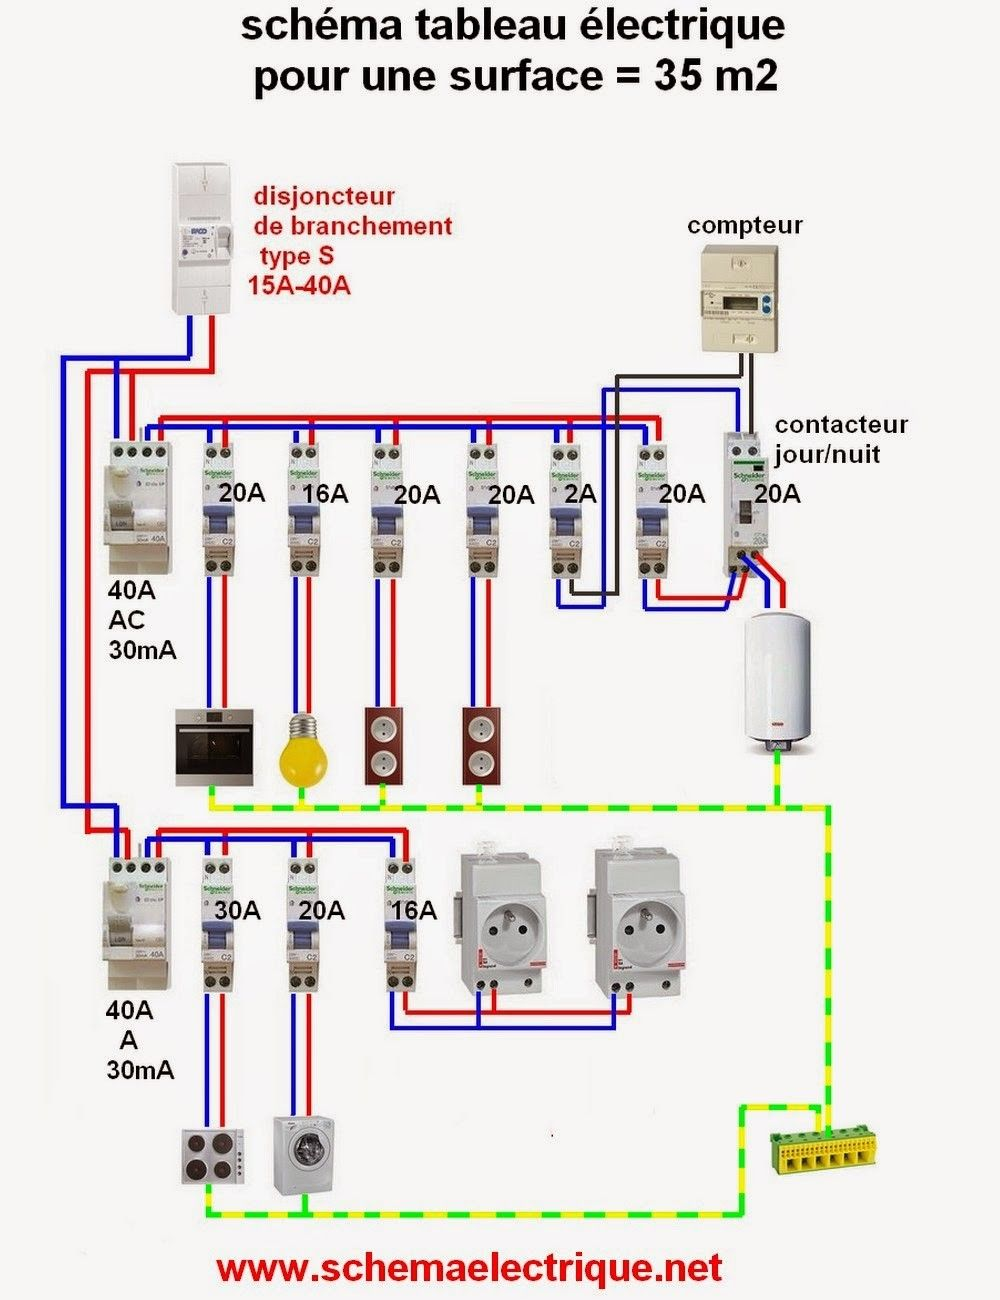 Epingle Par Edithson Fils Aima C Sur Electricite Maison Tableau Electrique Maison Plan Electrique Maison Schema Electrique Maison